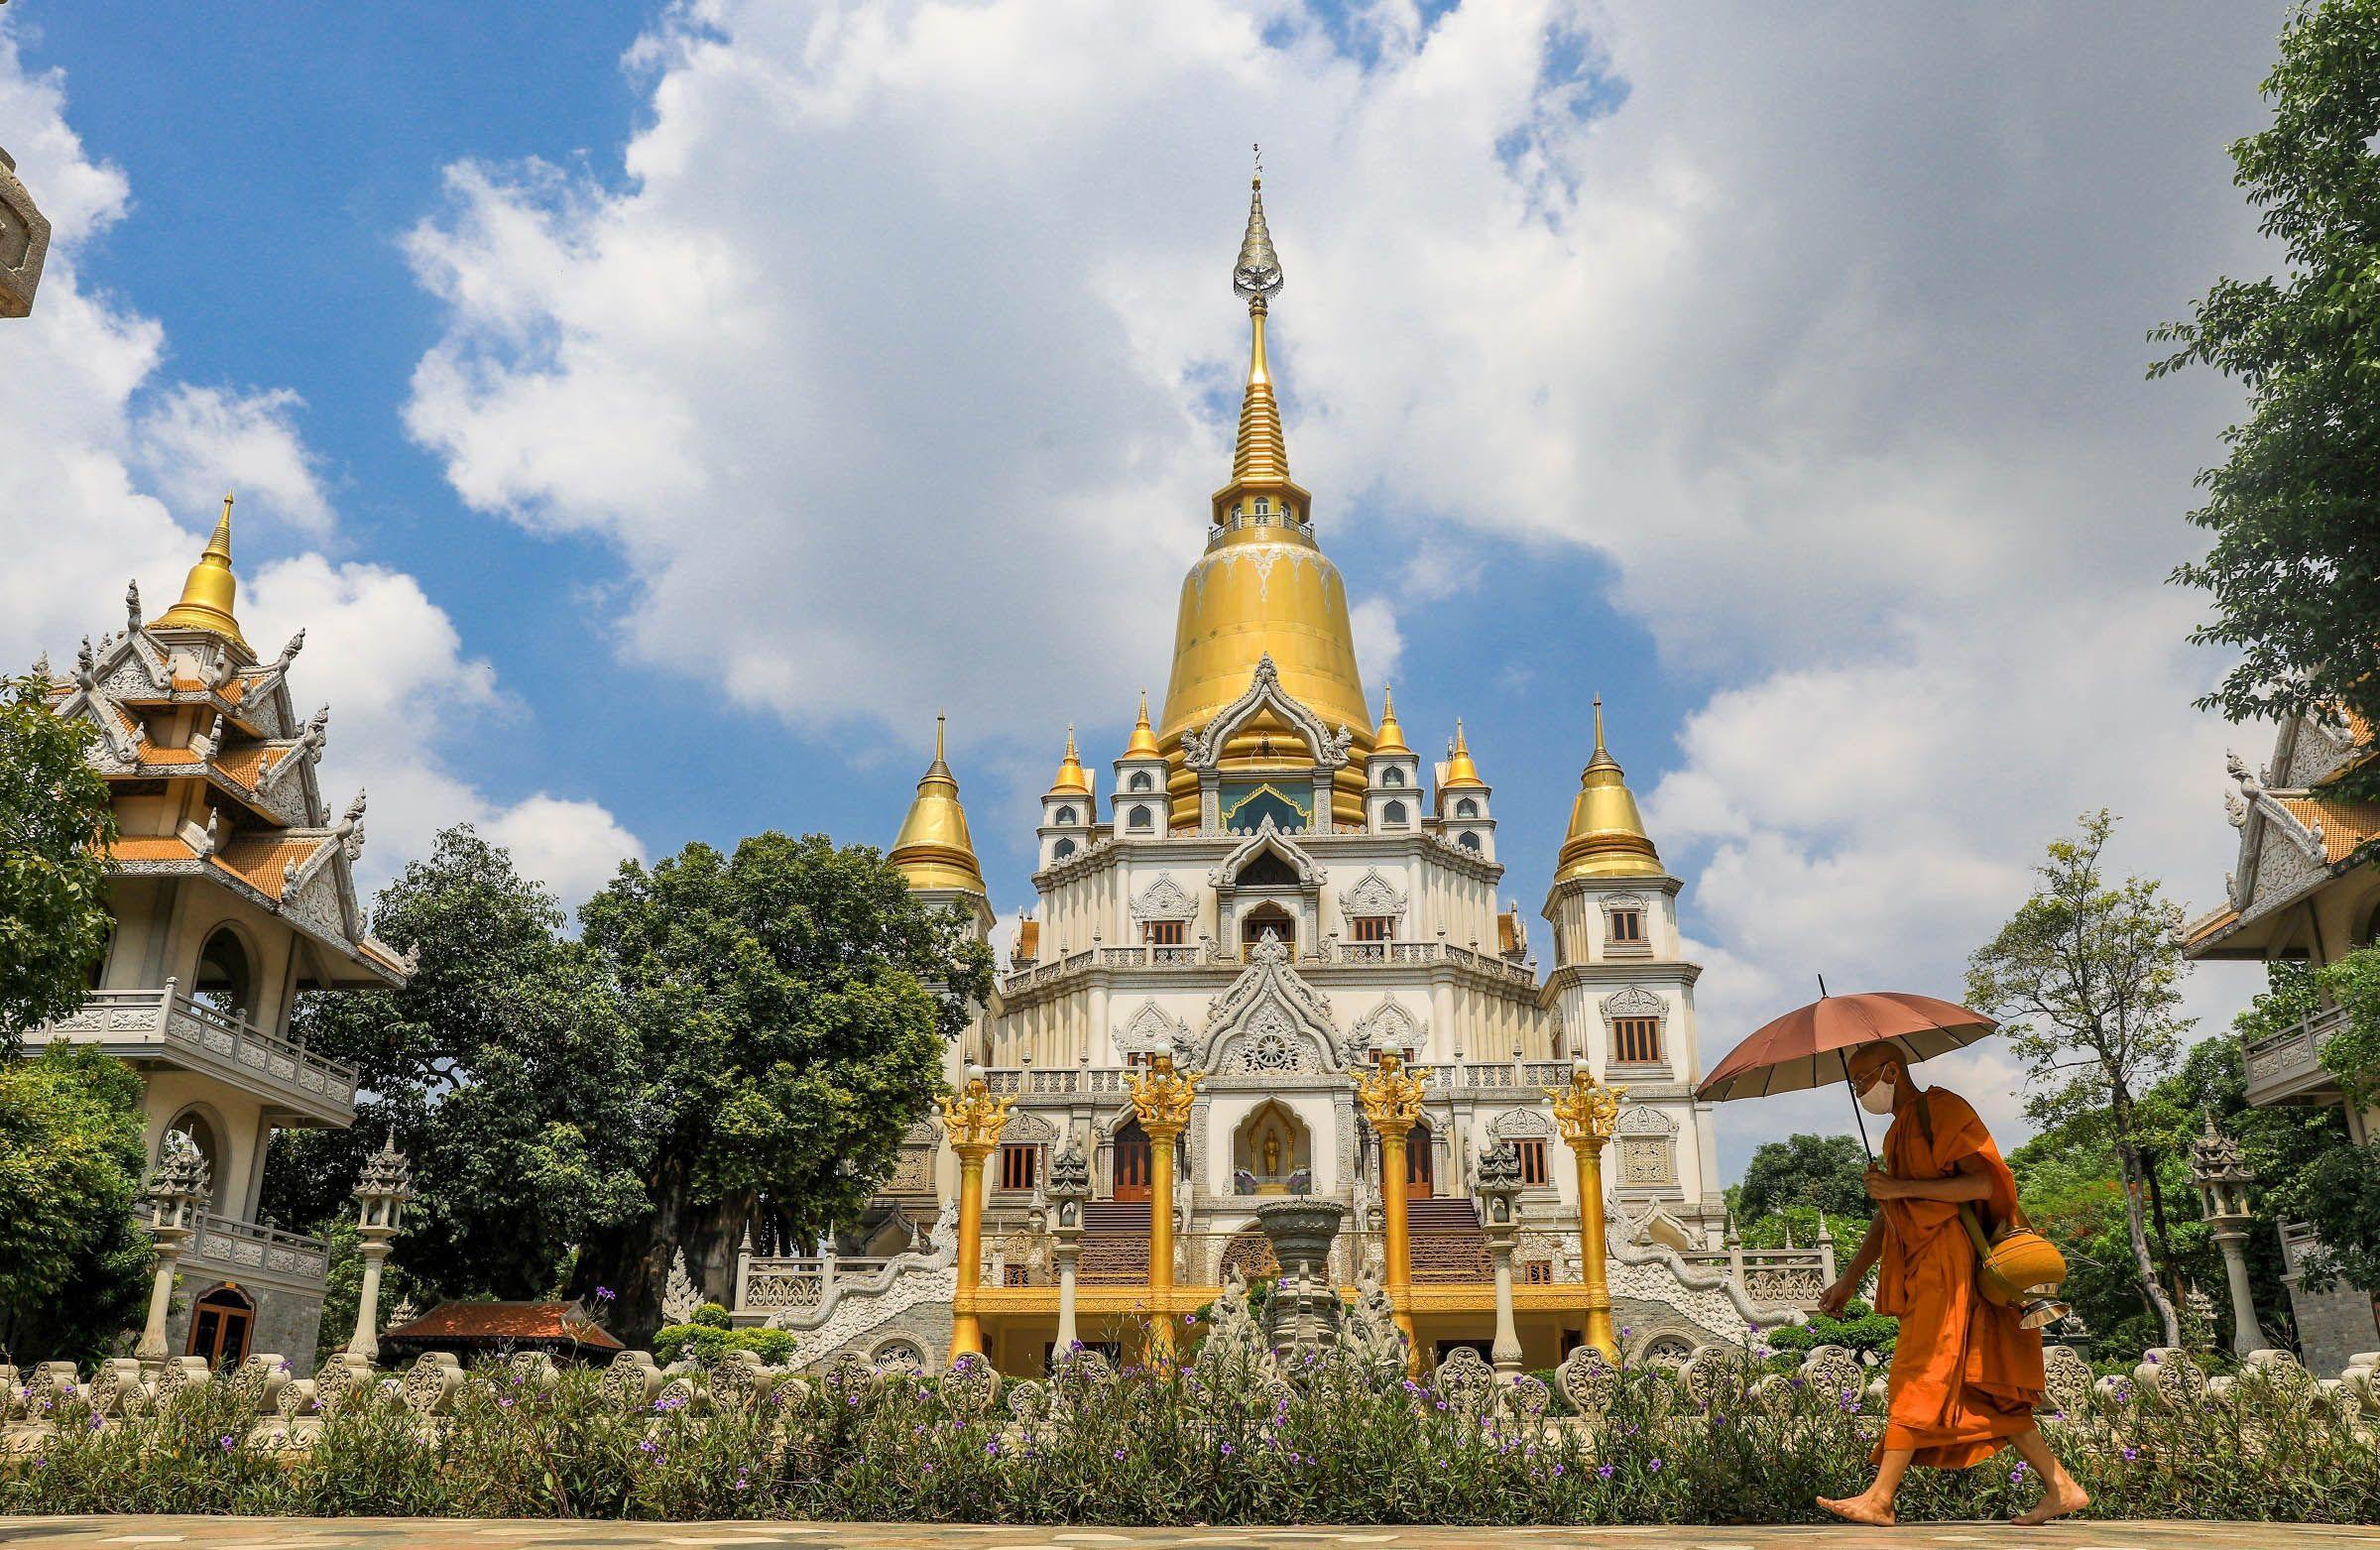 Thăm ngôi chùa thuộc top đẹp nhất thế giới ngay ở Sài Gòn